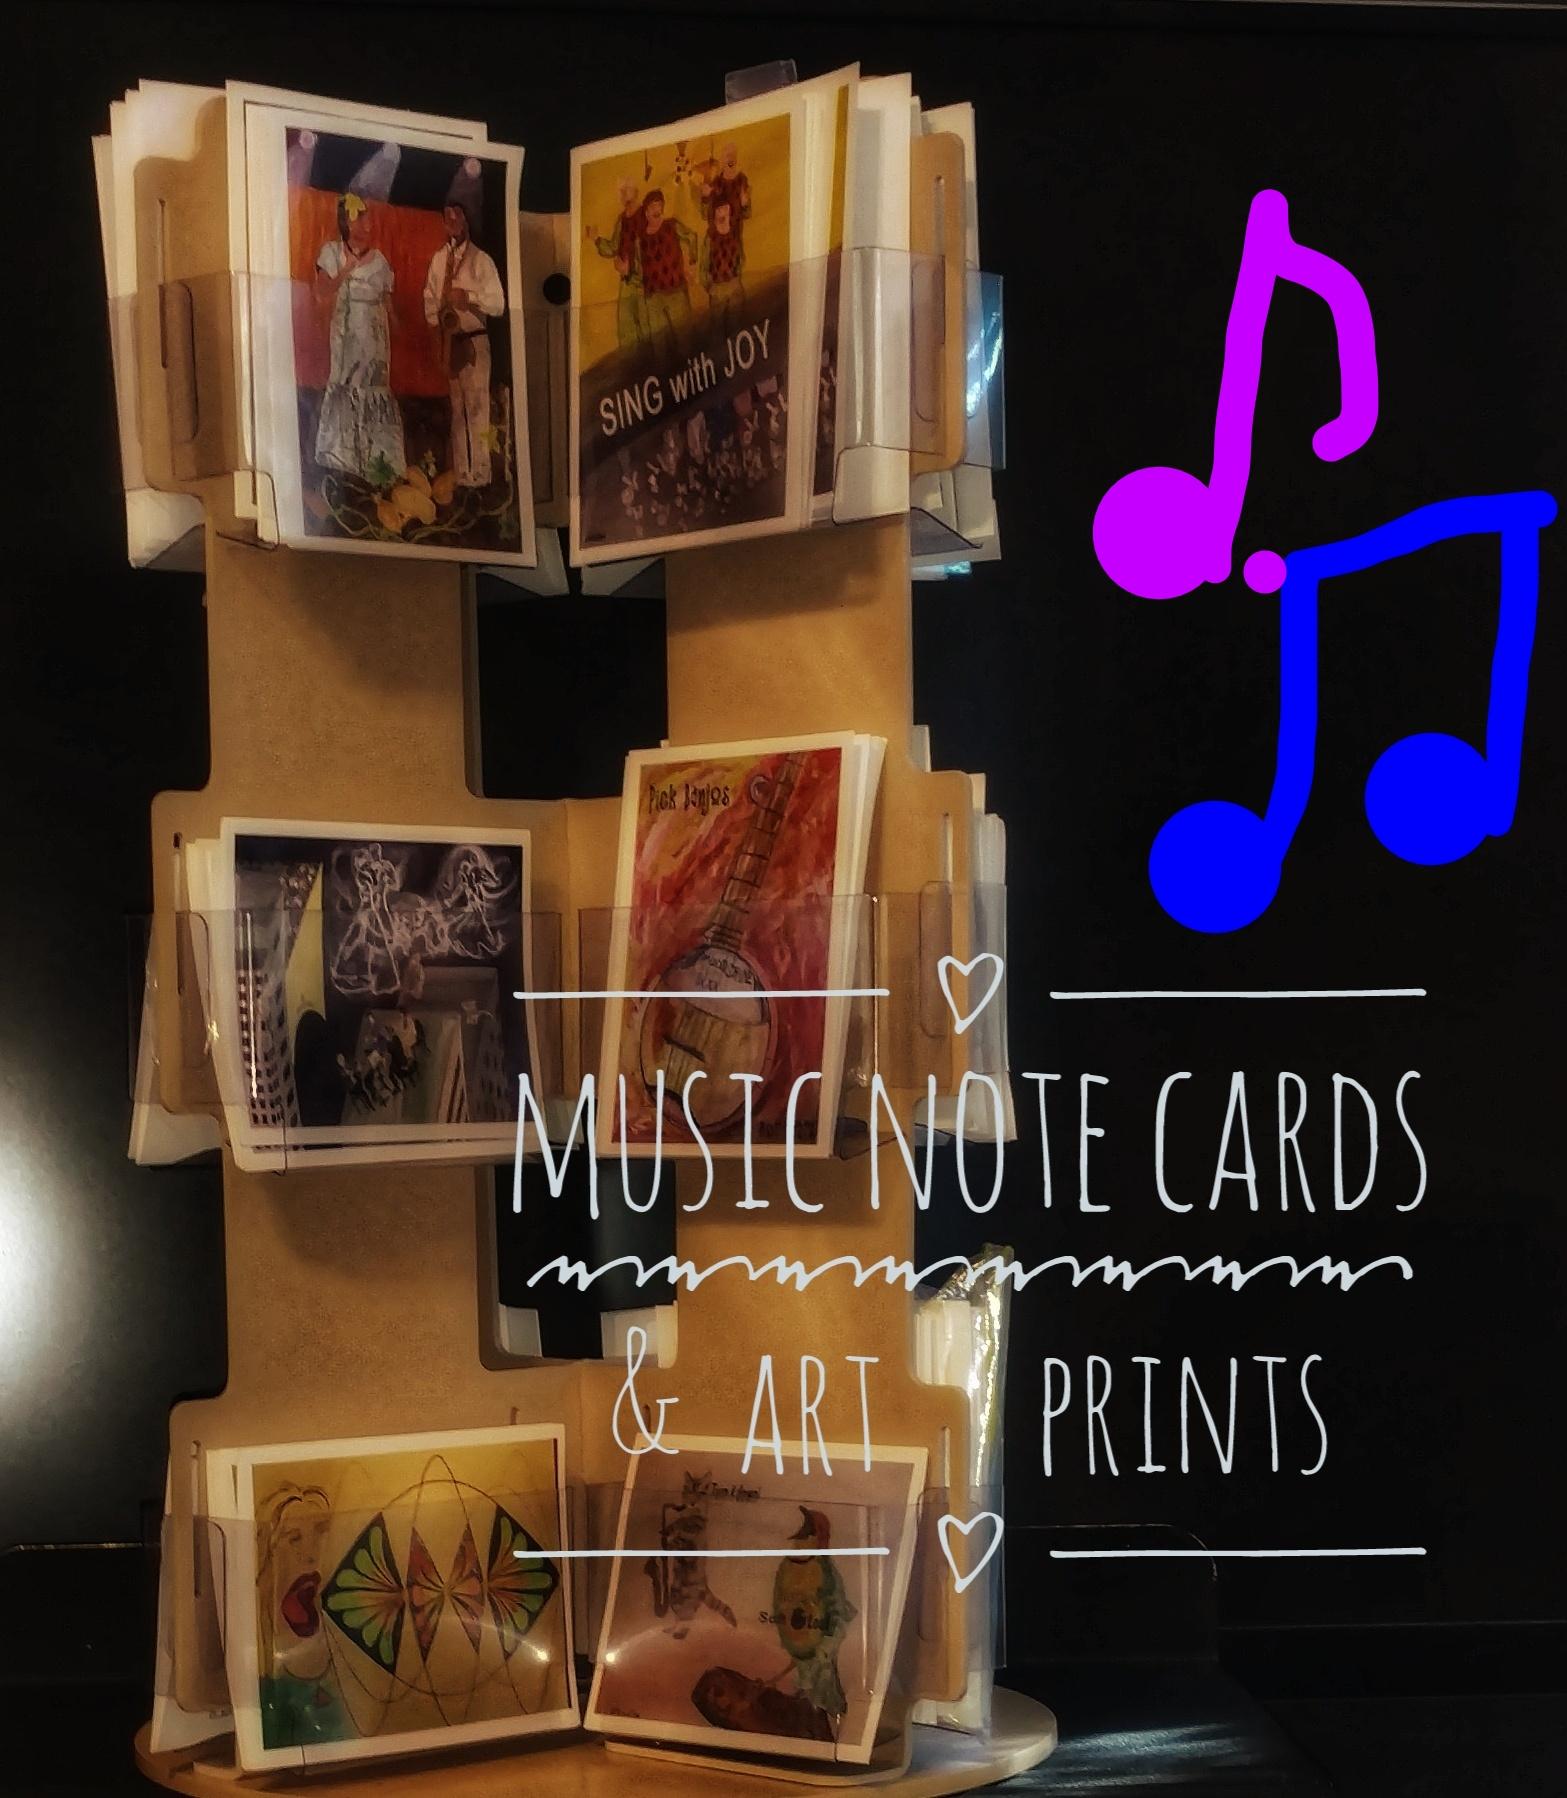 Music Lesson Card Art